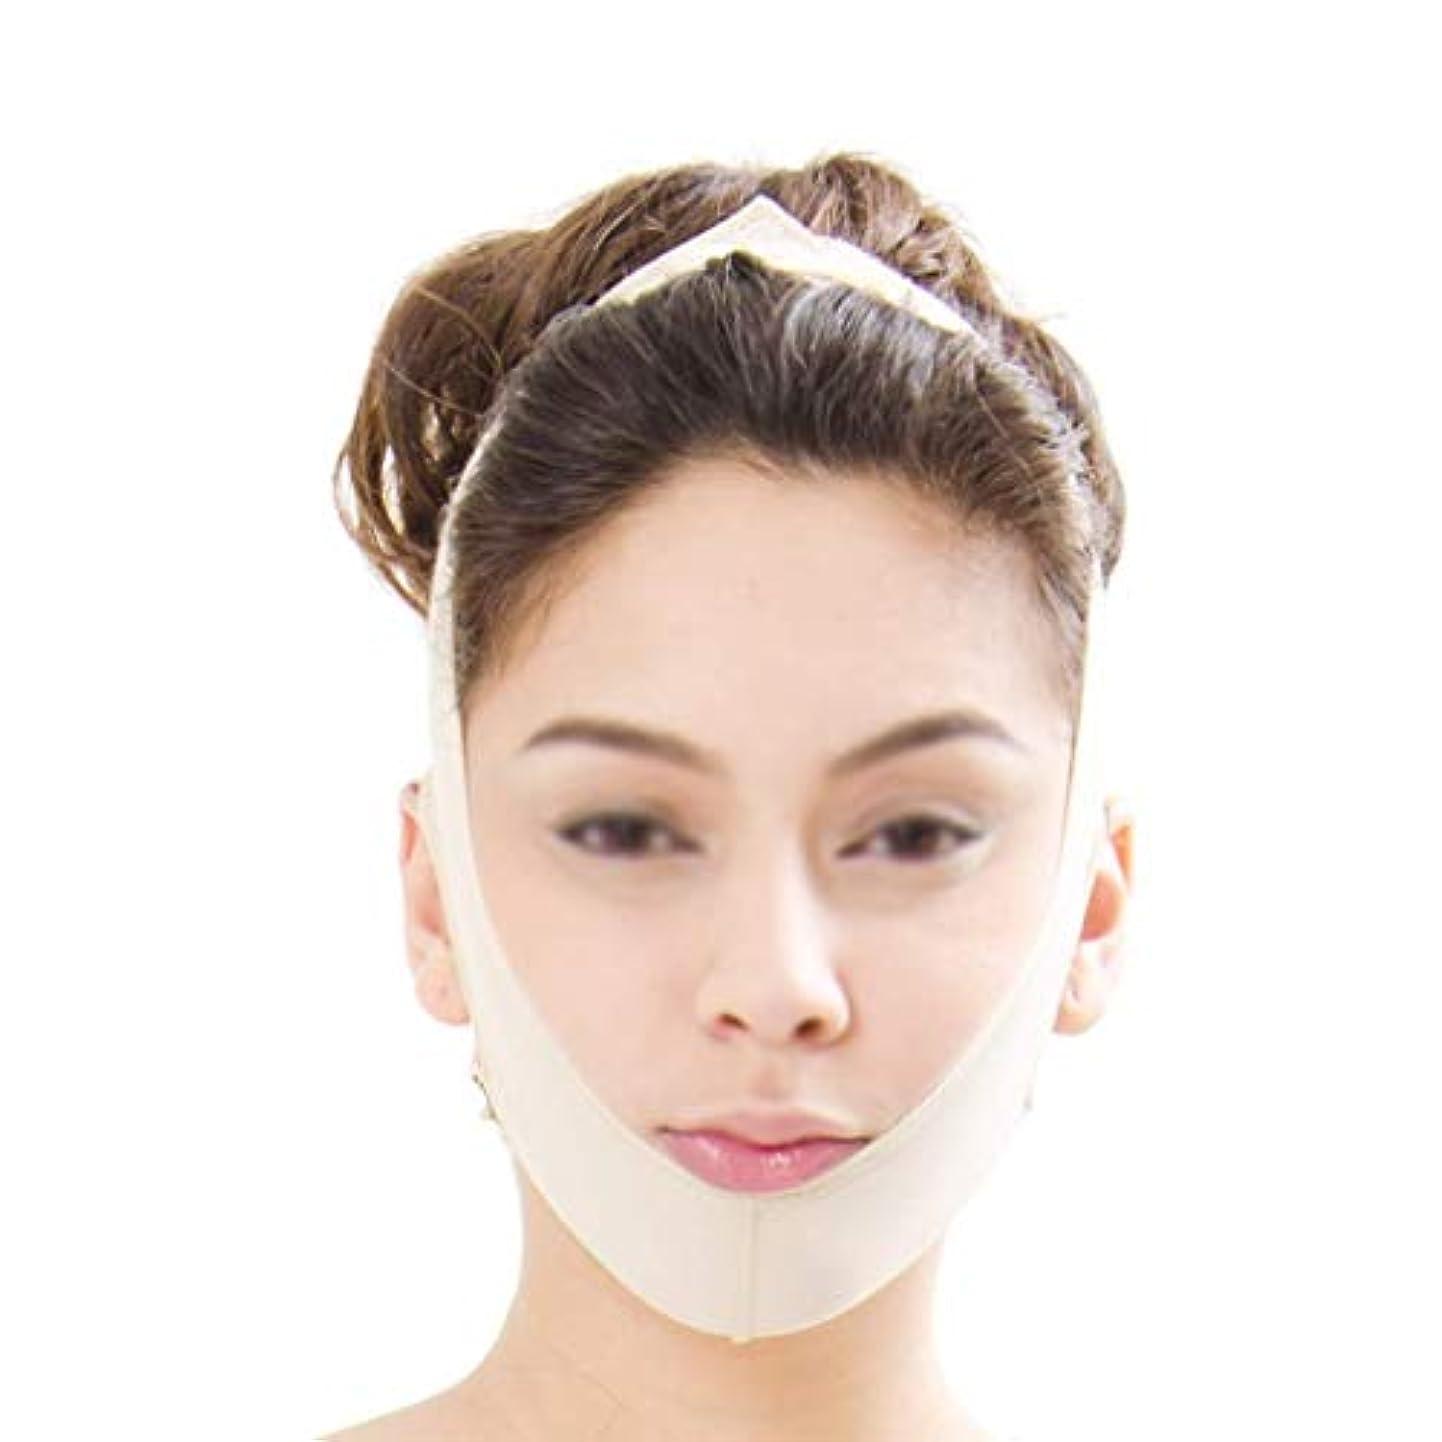 幸福テレマコス促進するフェイススリミングバンデージ、フェイスリフティングマスク、フェイスリフティングバンデージ、フェイシャル減量マスク、ダブルチンケア減量(サイズ:M),XXL